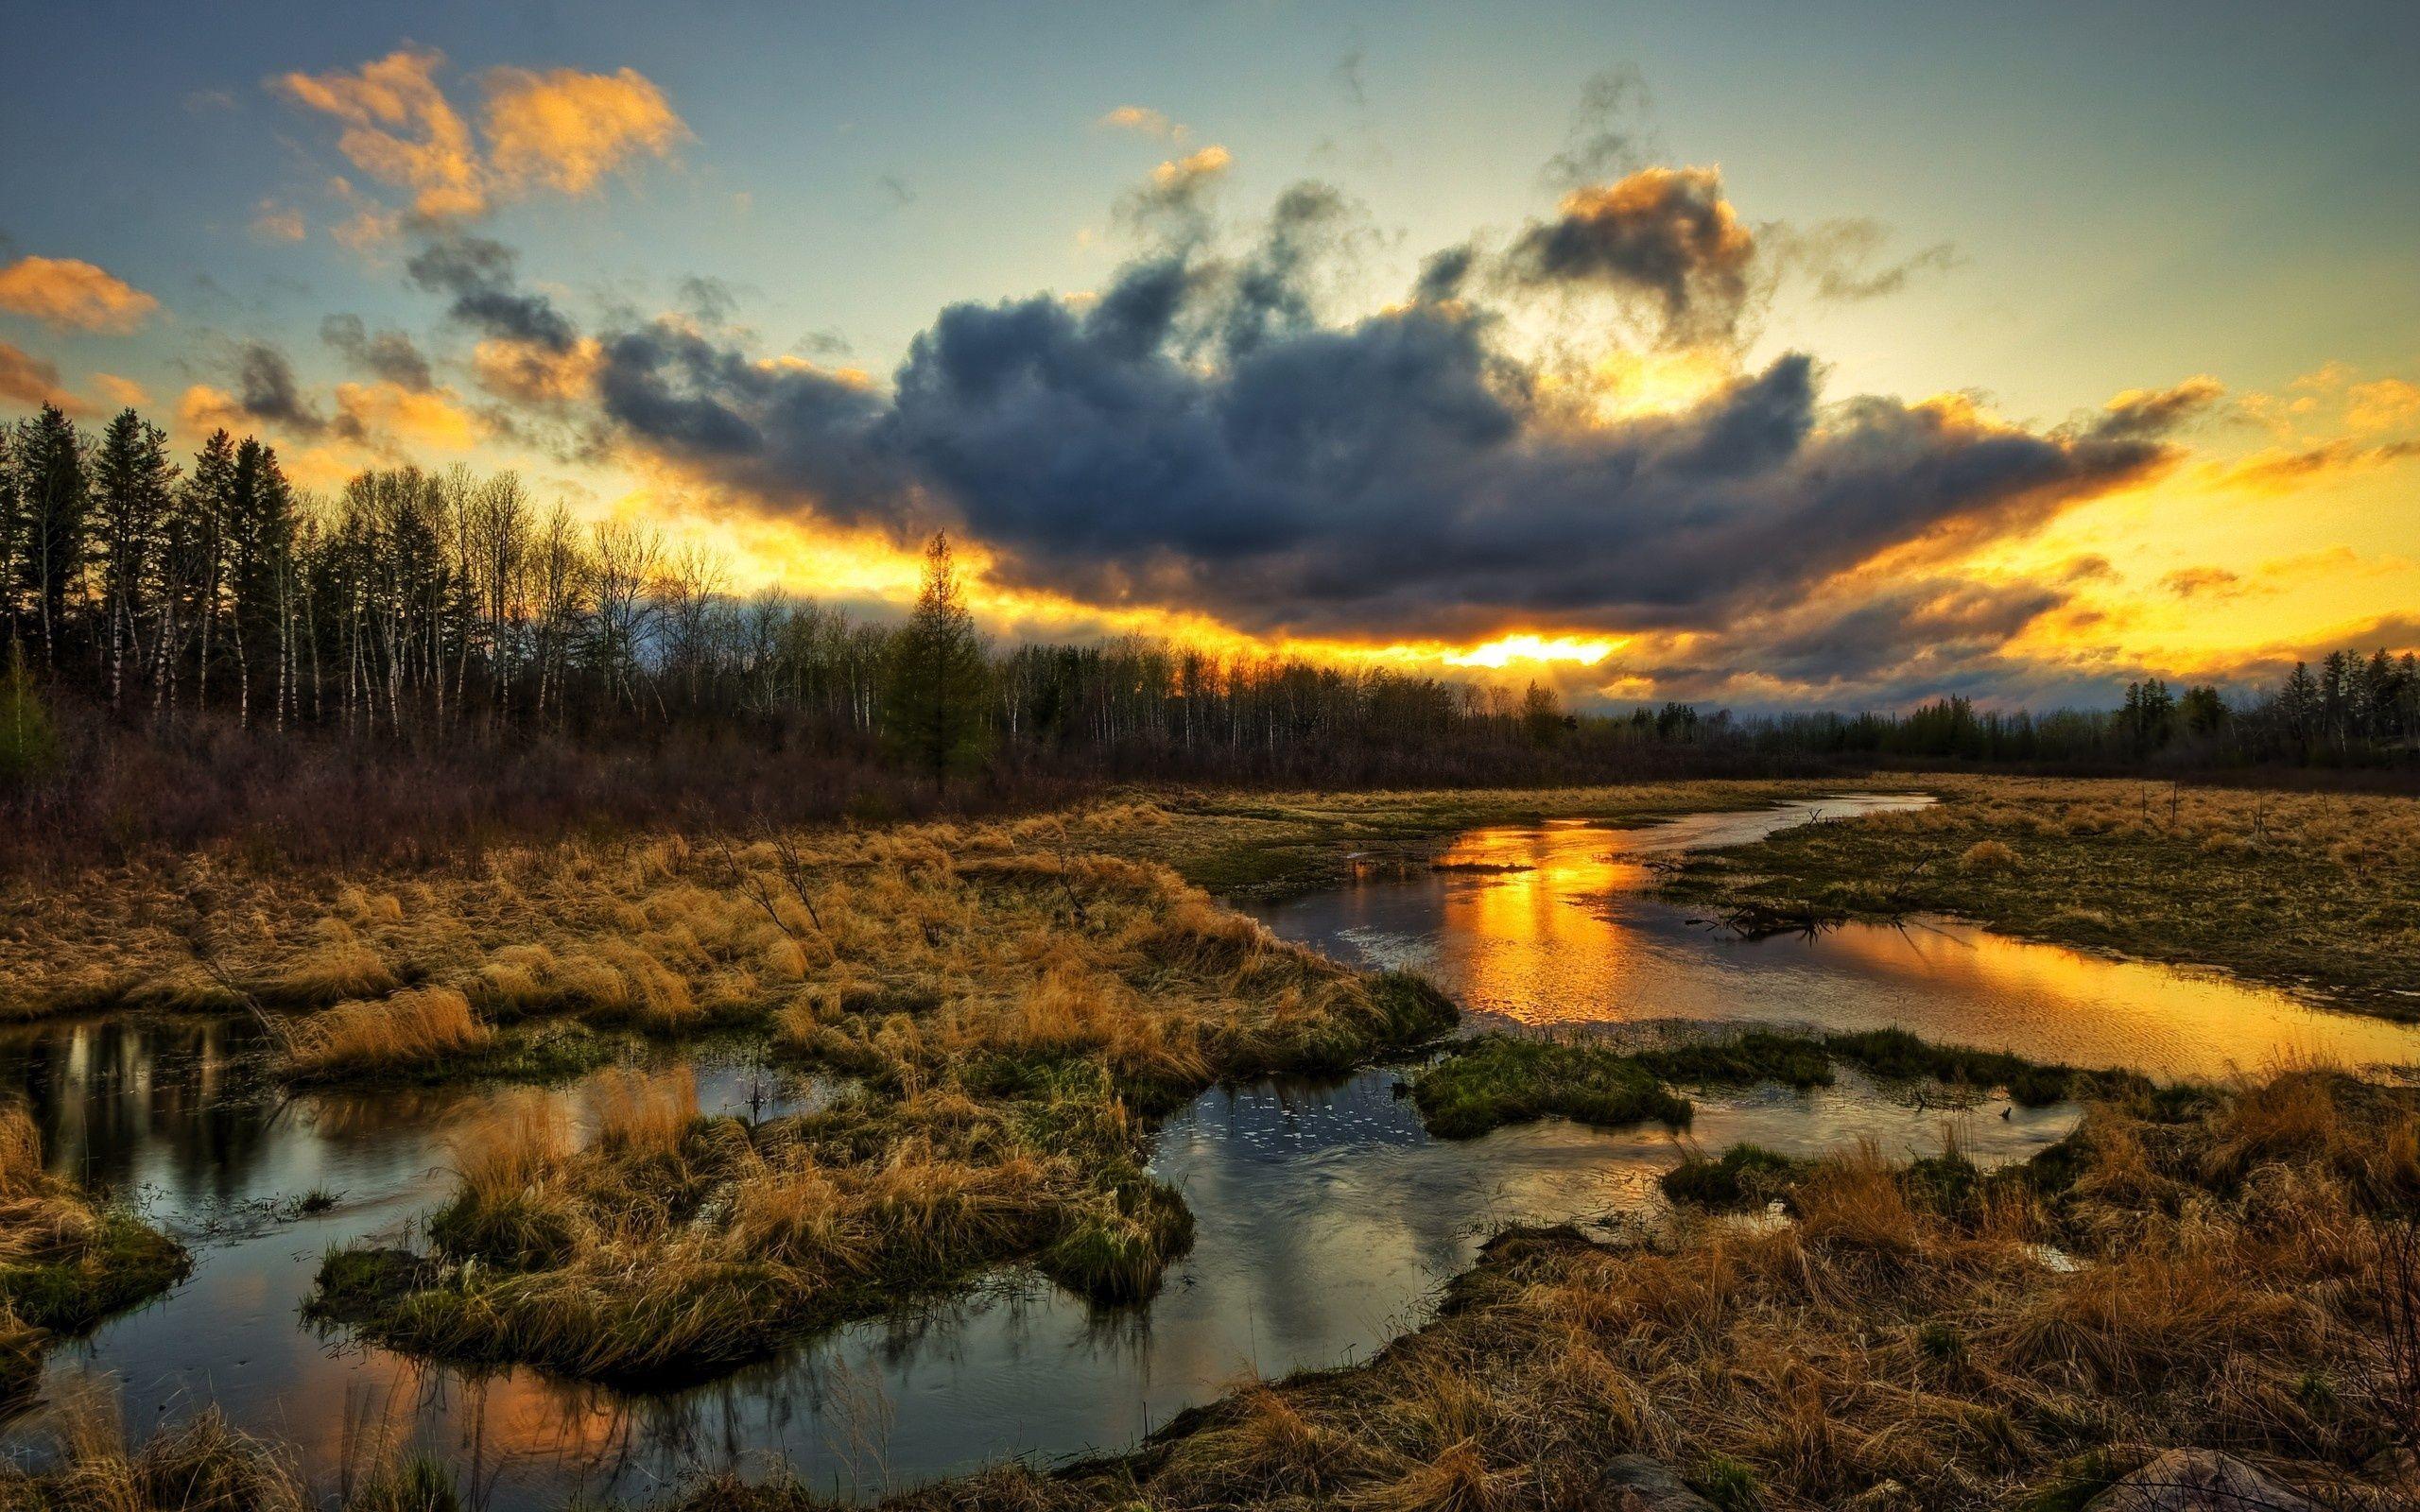 湿地 雲 夕日 草 水の流れ 美しい風景 壁紙 2560x1600 壁紙ダウンロード Ja Best Wallpaper Net 庭作りのアイデア 風景 美しい風景